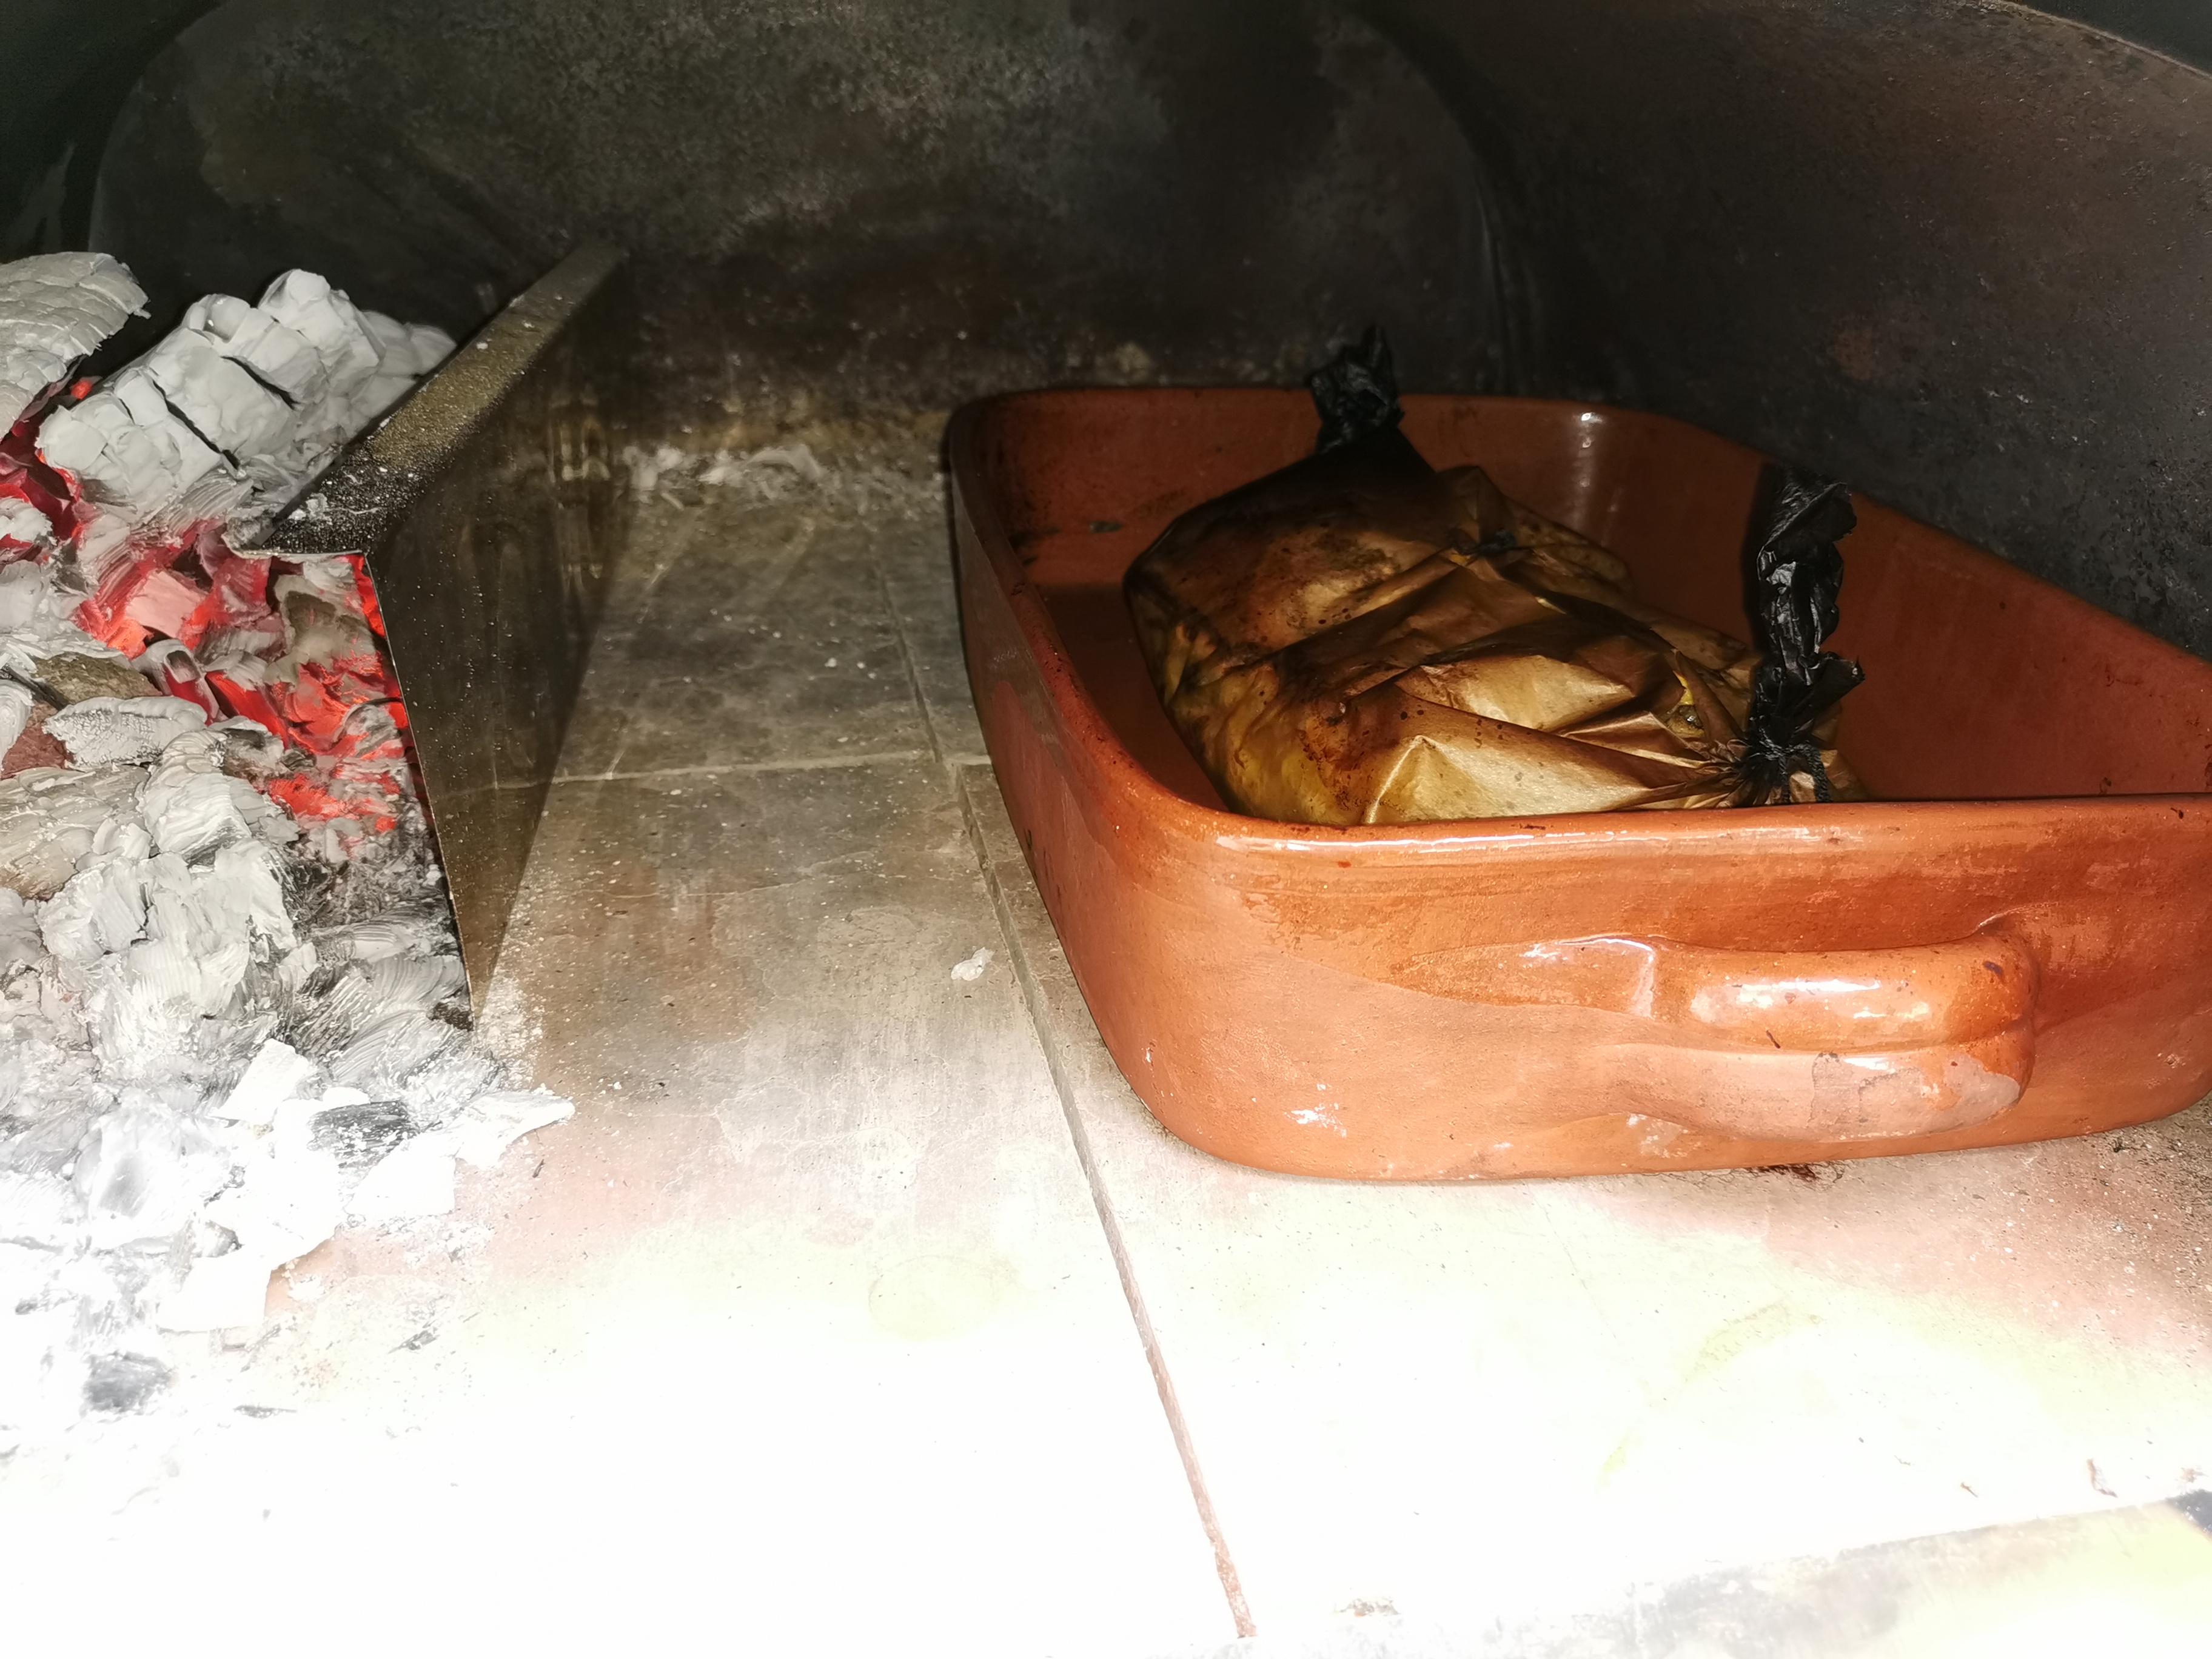 Holzbackofenrezept-Lachs-auf-Spargel-im-Ofen